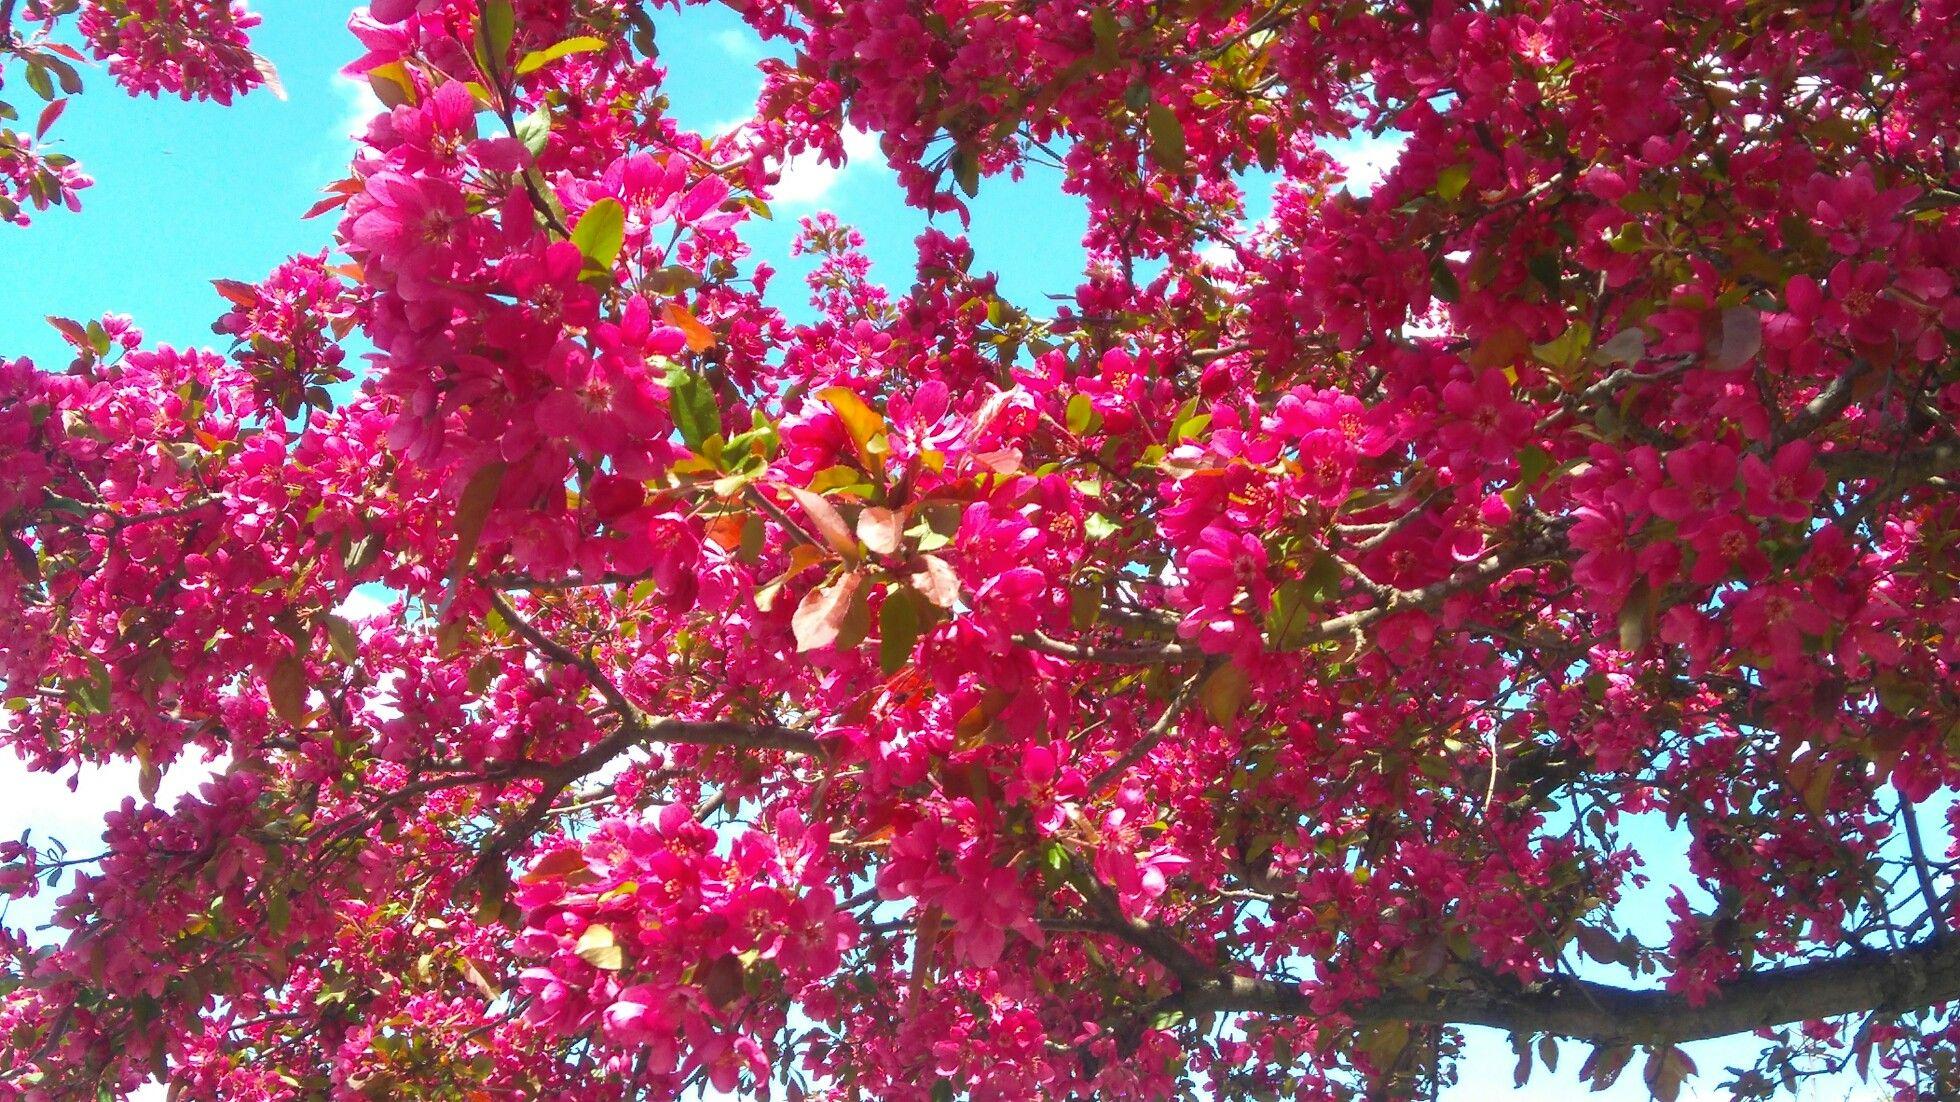 Magnolia Tree Flowering Trees Magnolia Trees Magnolia Flower